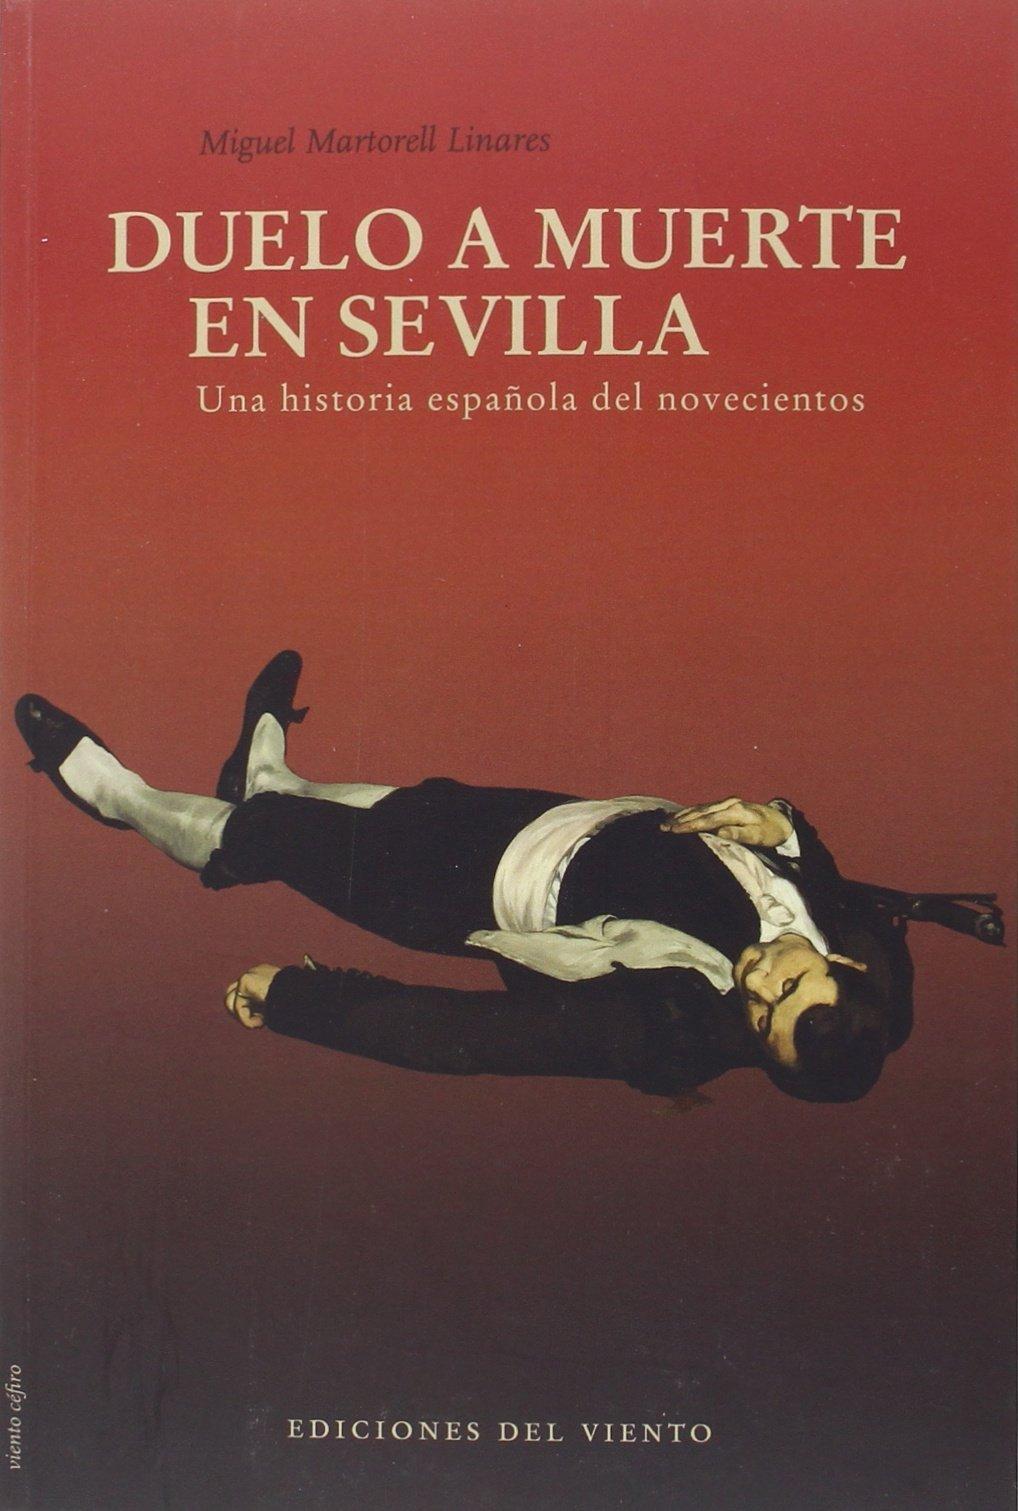 Duelo a muerte en Sevilla: Una historia española del diecinueve Viento céfiro: Amazon.es: Martorell, Miguel: Libros